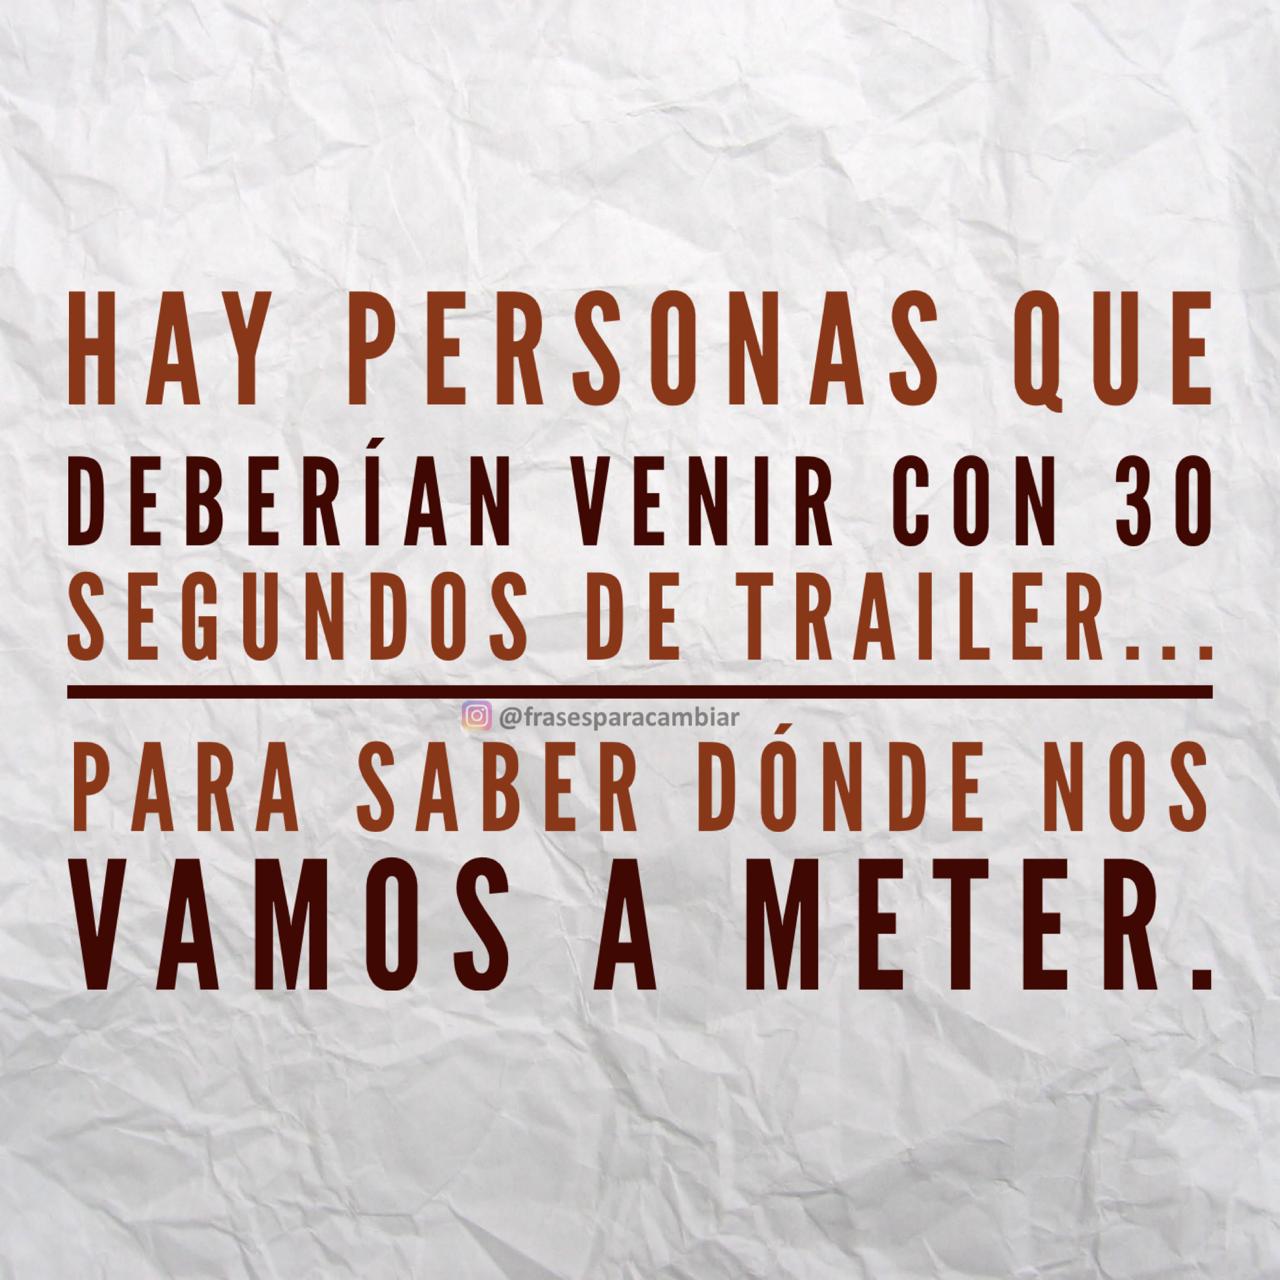 trailer personas //nota etiquetado frontal